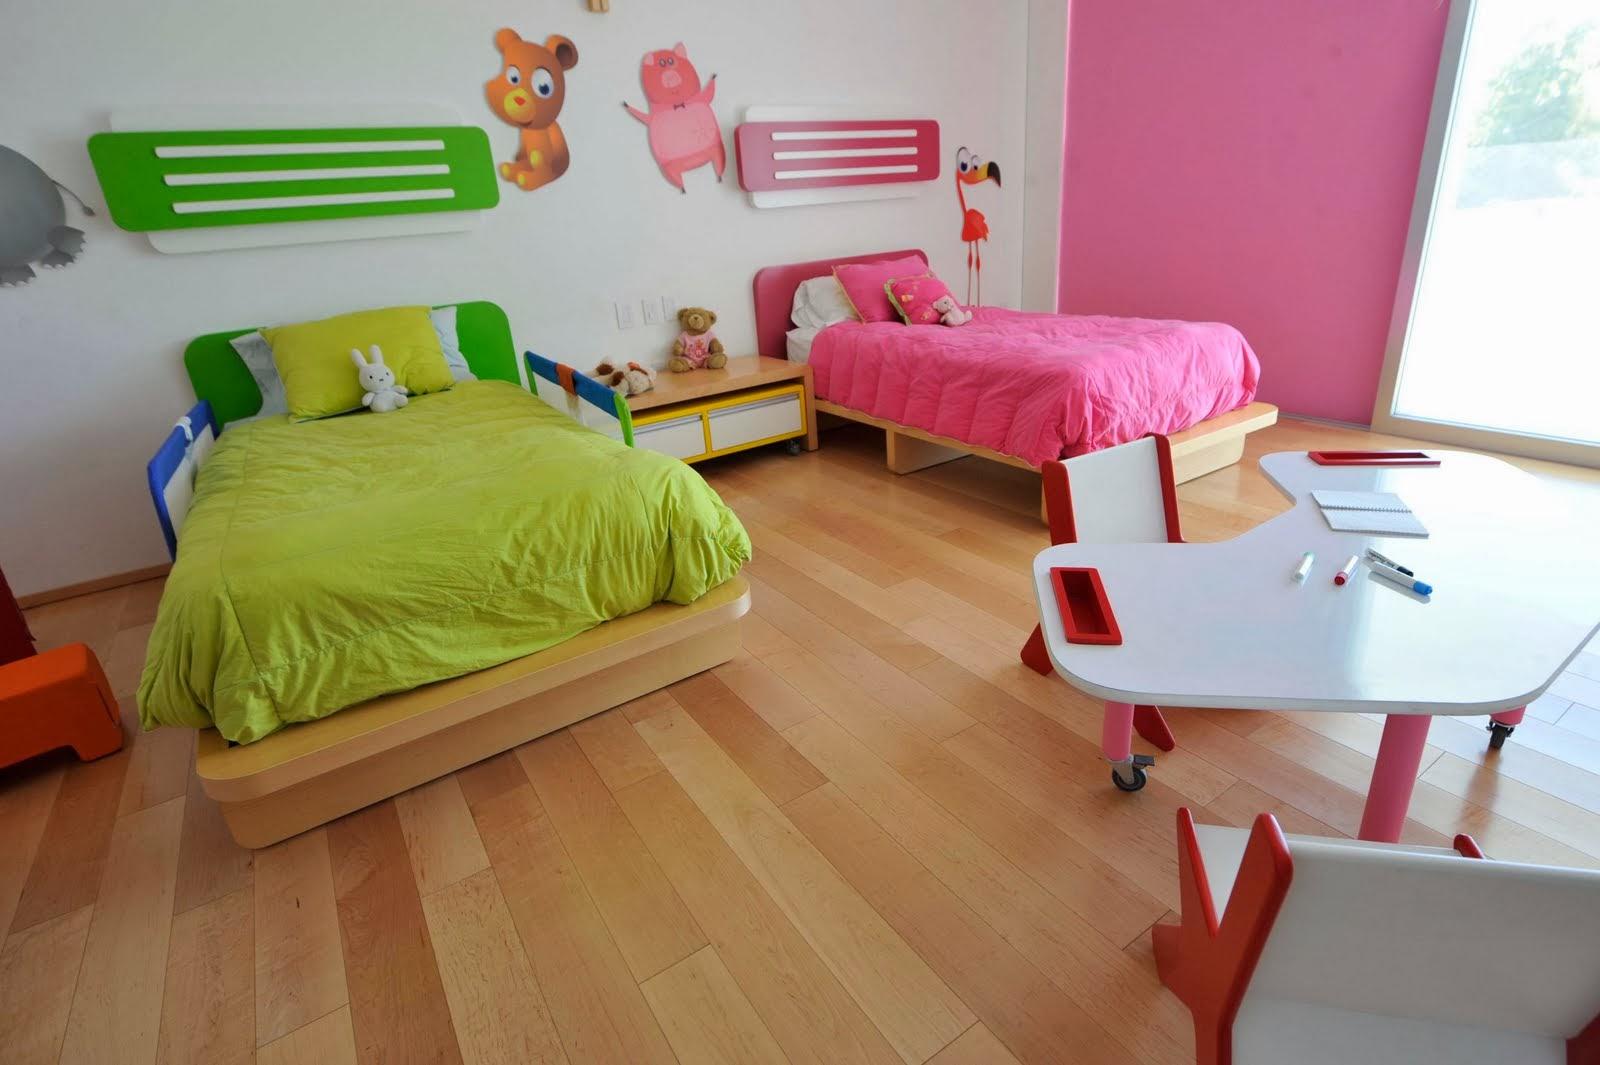 Dormitorio infantil mixto dormitorios compartidos para for Como decorar el cuarto de mi hija